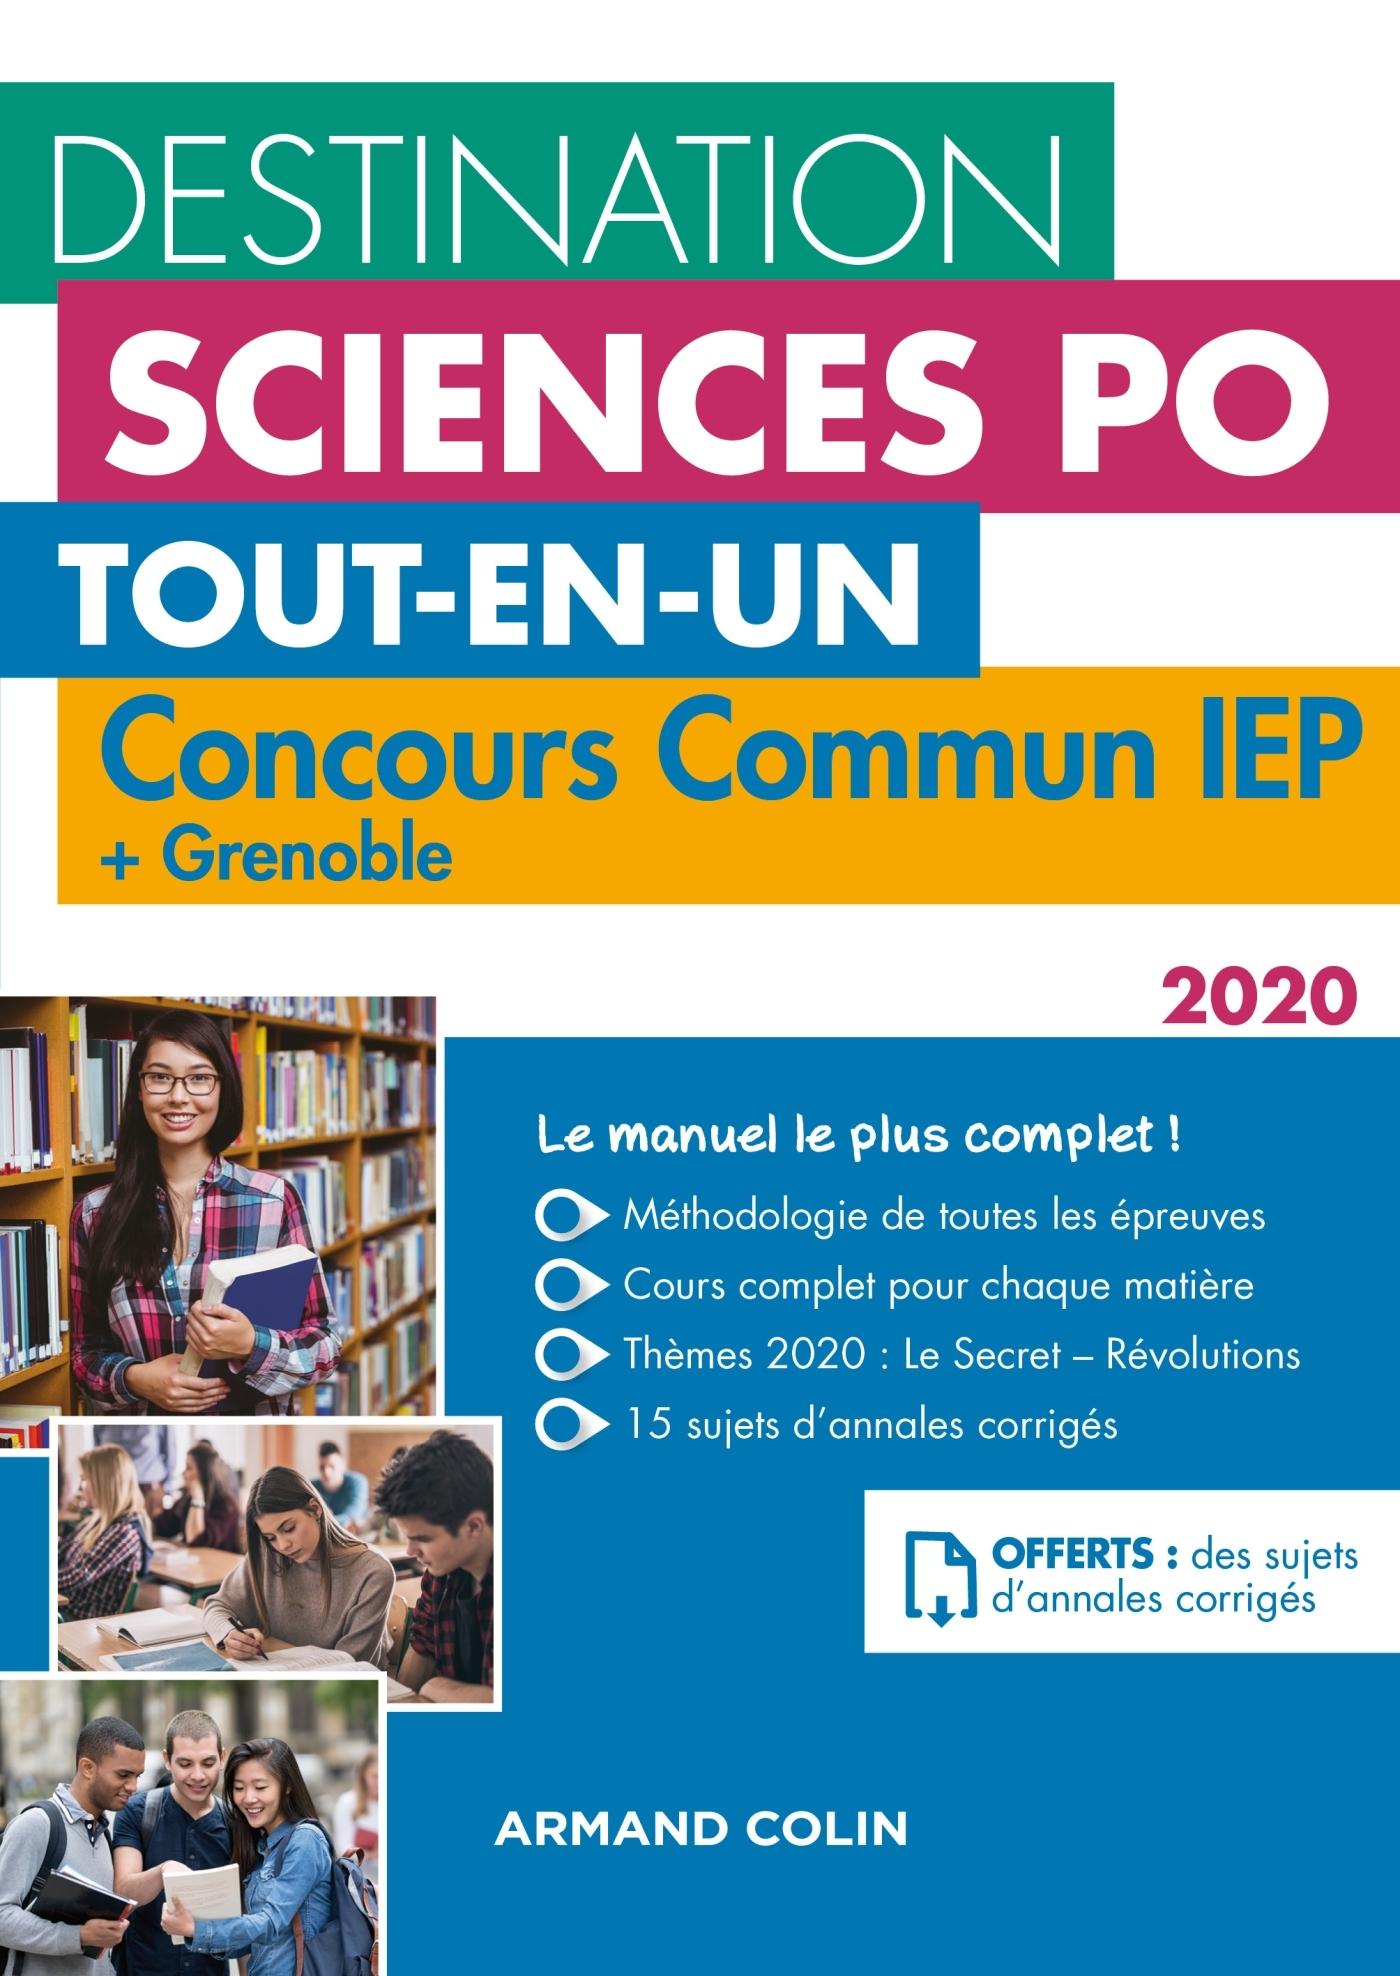 DESTINATION SCIENCES PO - CONCOURS COMMUN IEP 2020 + GRENOBLE - TOUT-EN-UN